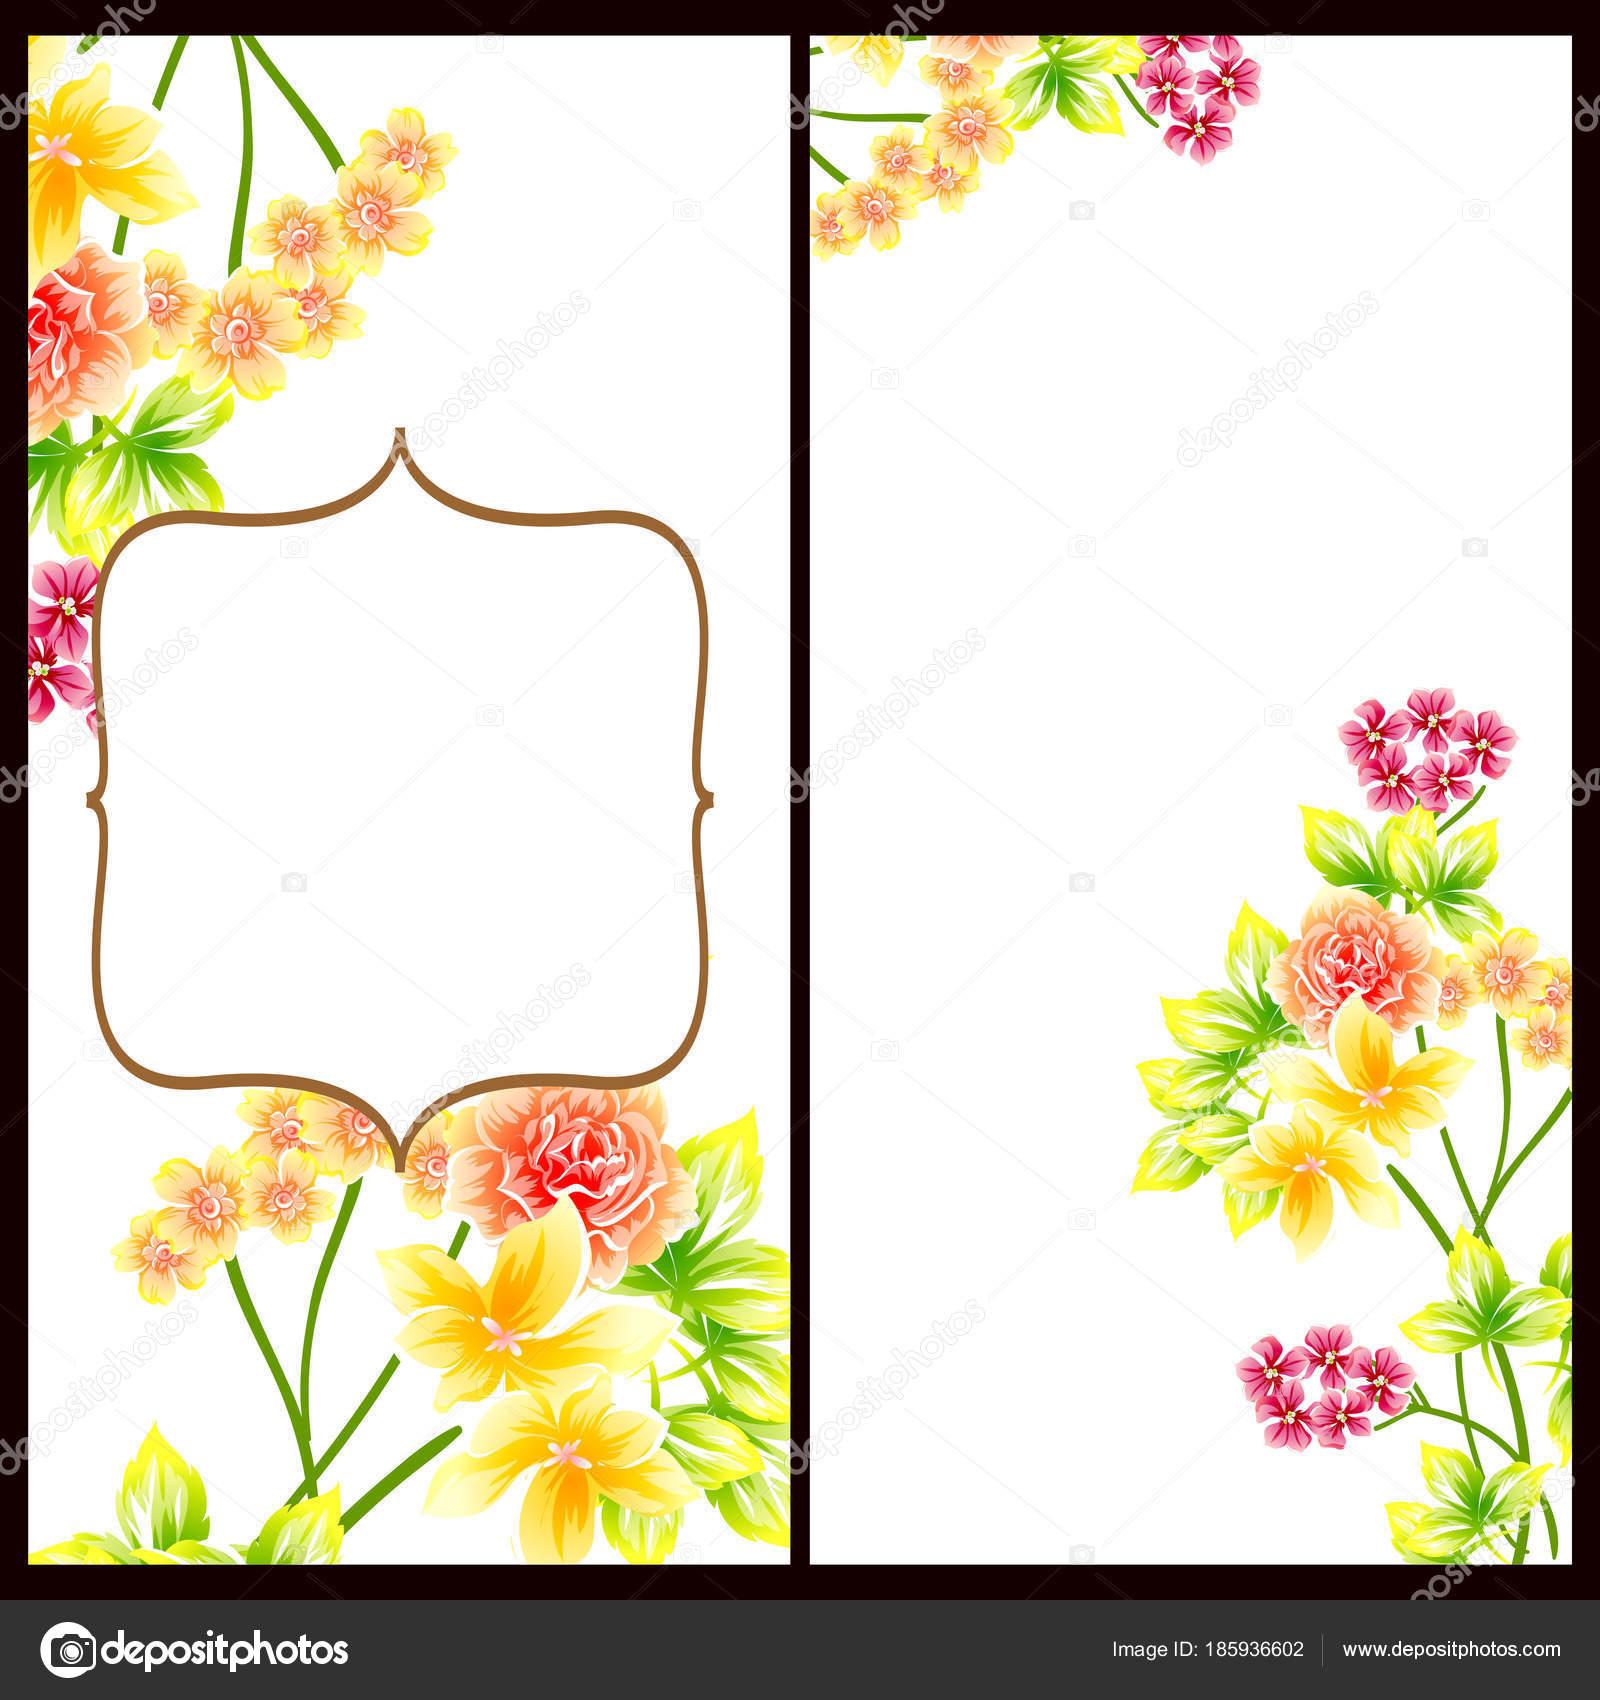 Vintage Style Flower Wedding Cards Set Floral Elements Frames